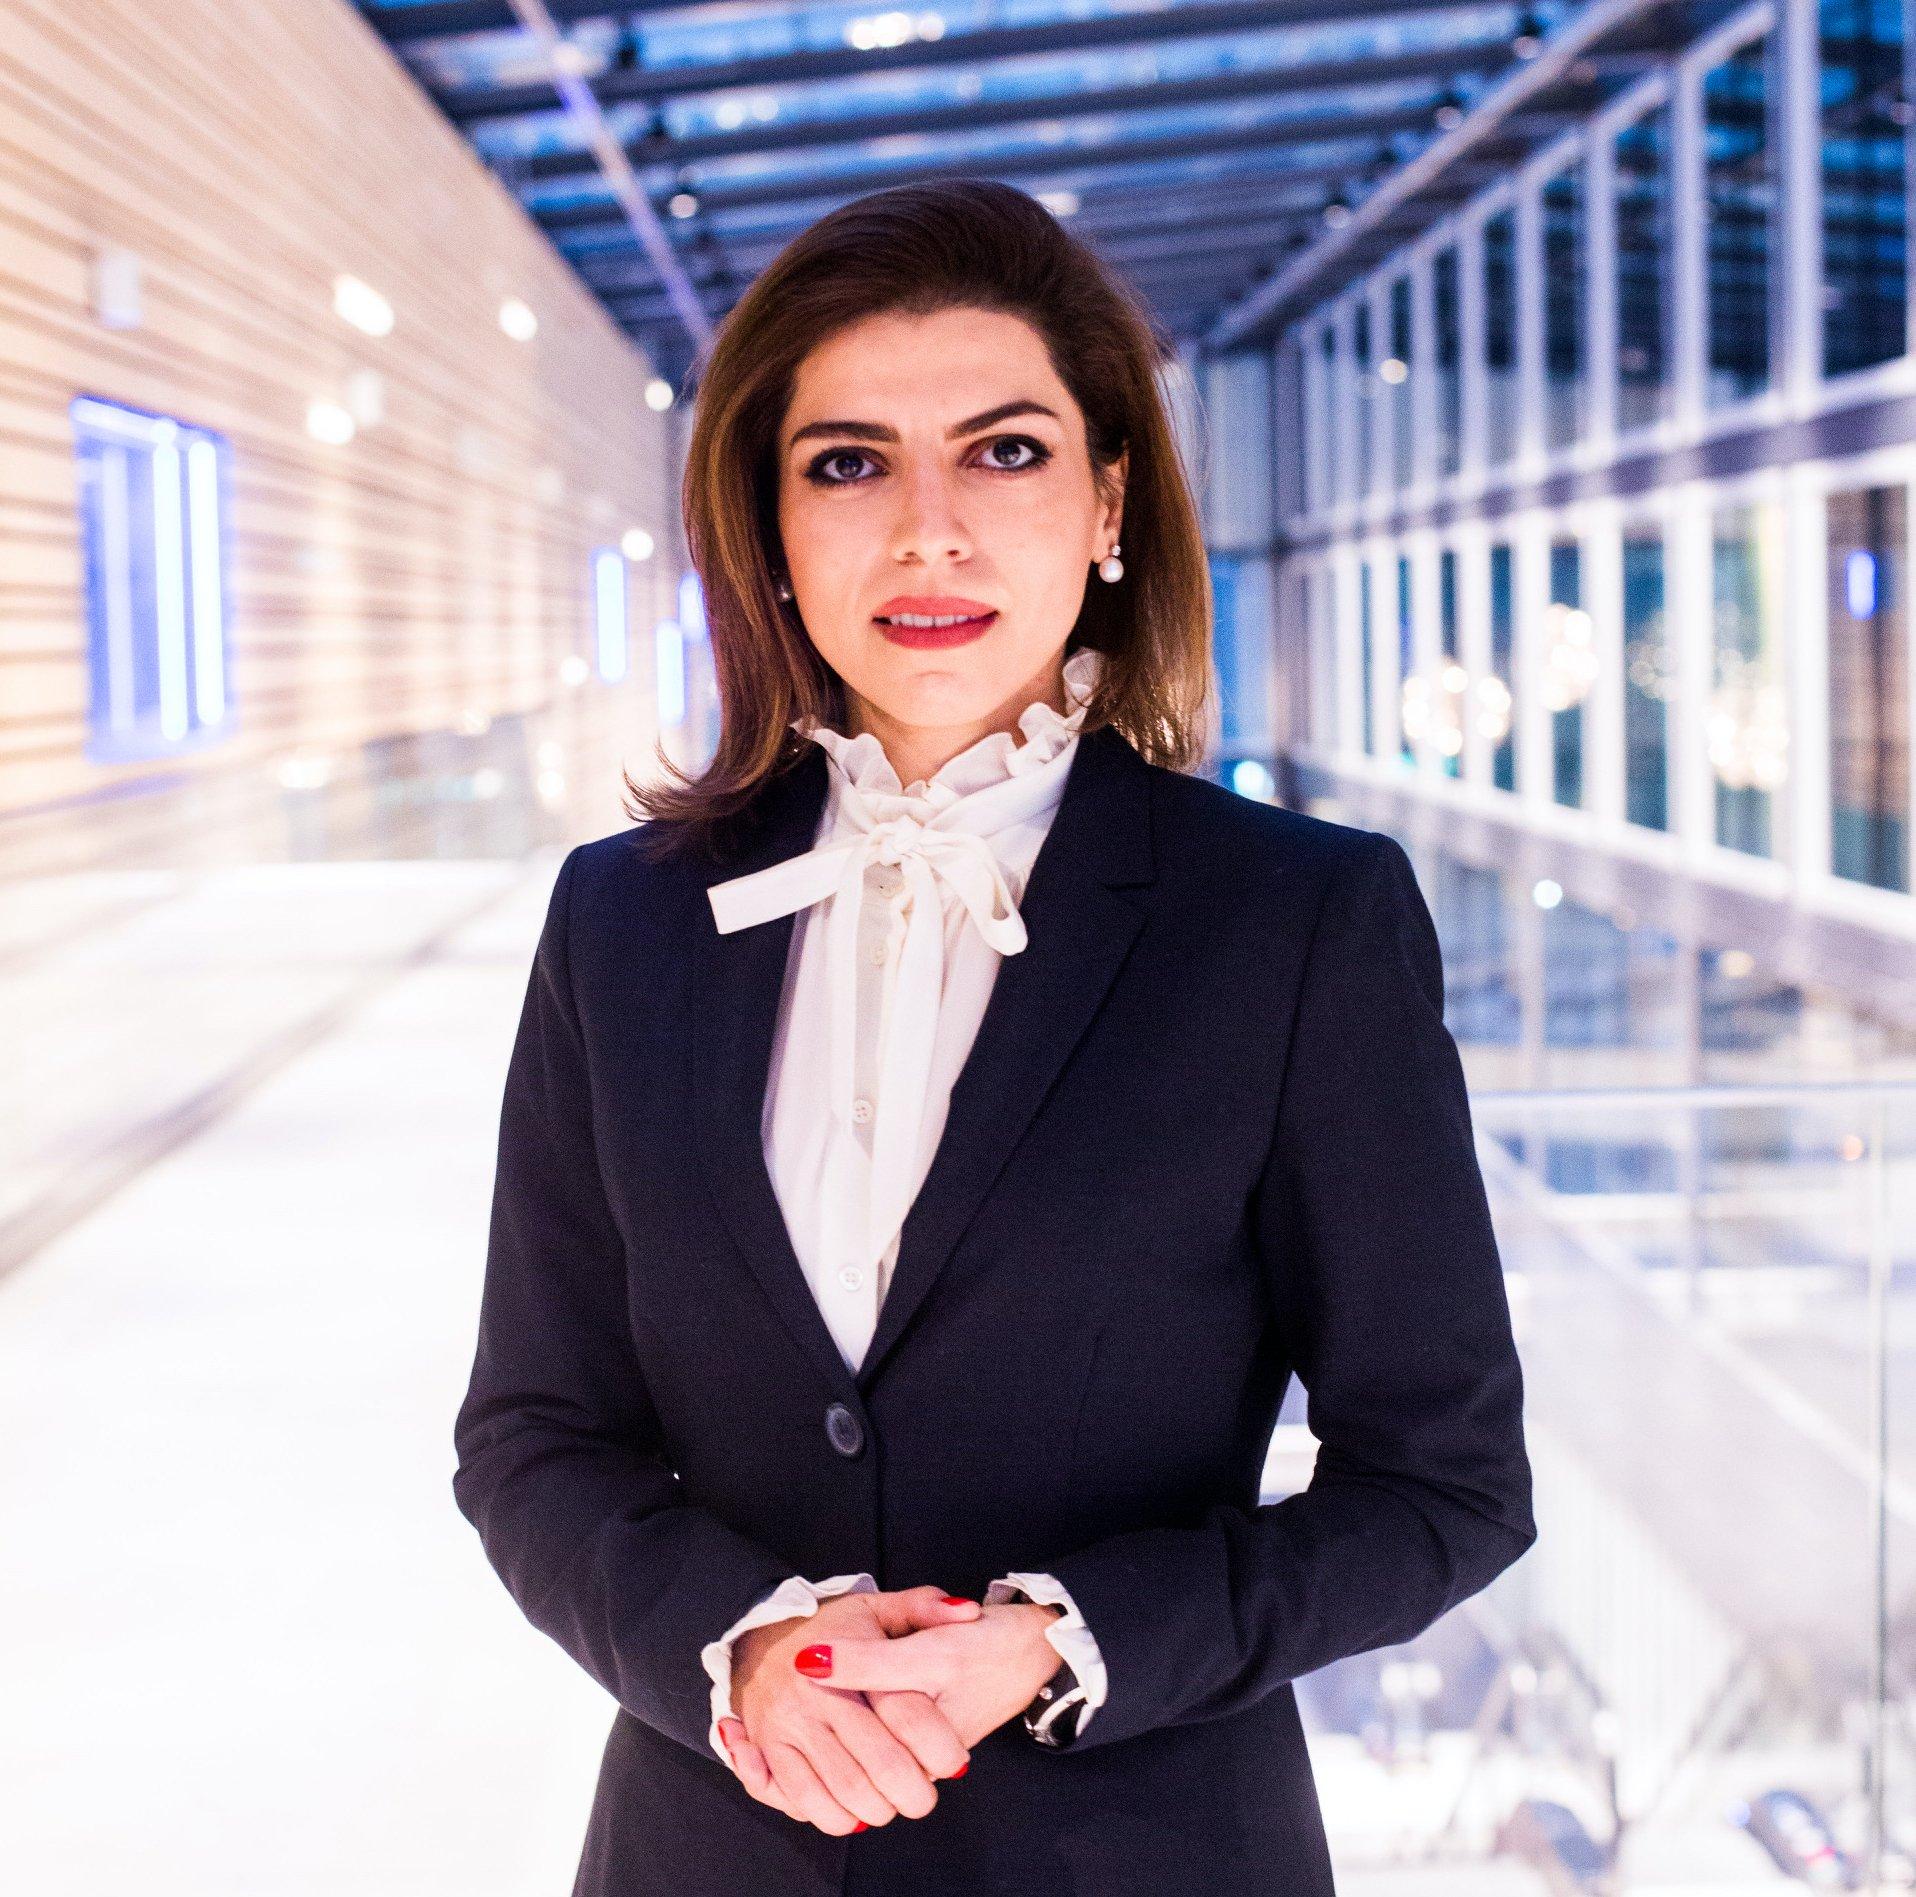 Aida Faiz